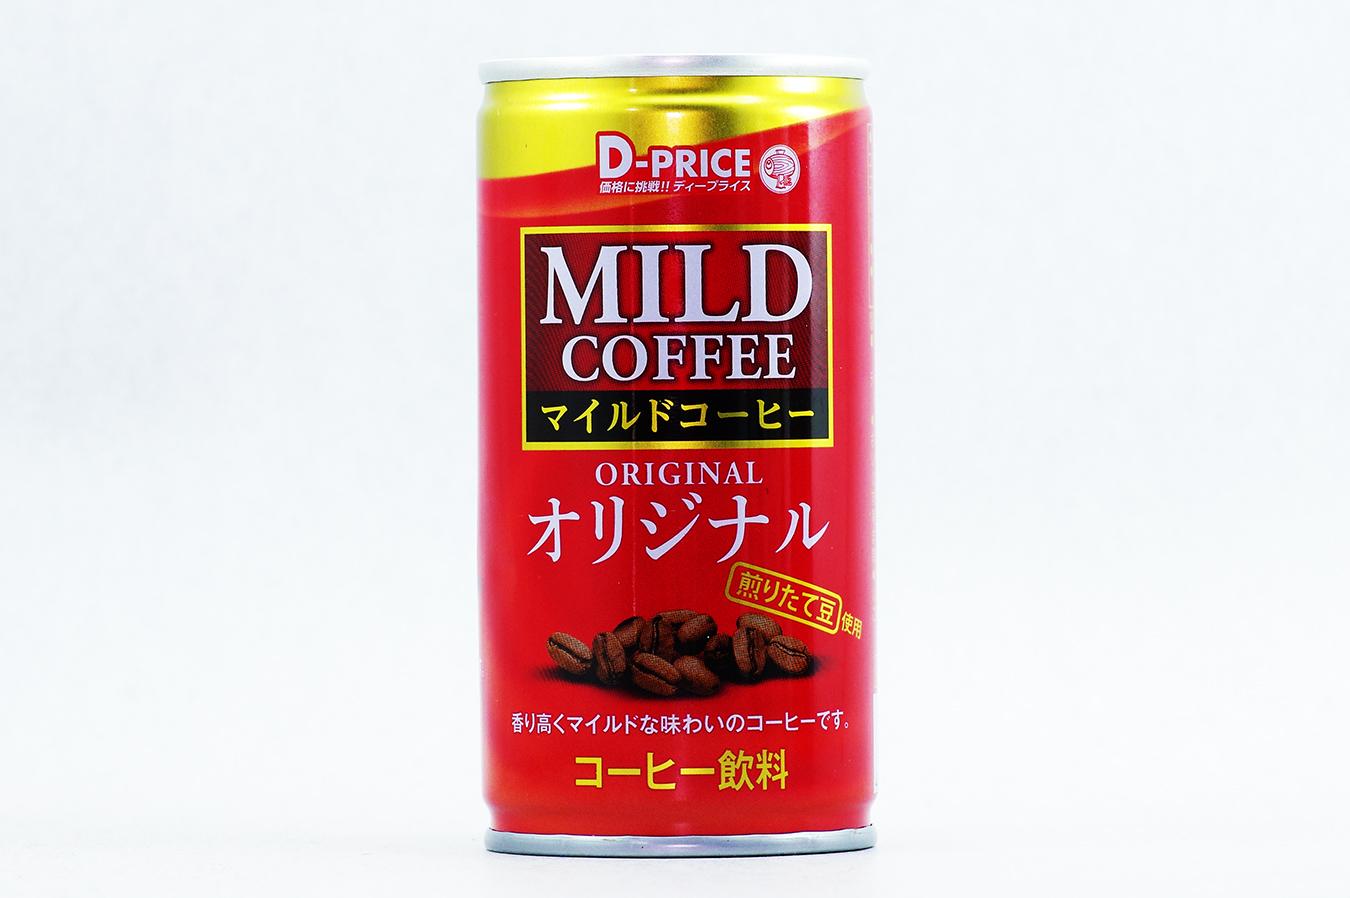 D-PRICE マイルドコーヒー オリジナル 2017年11月